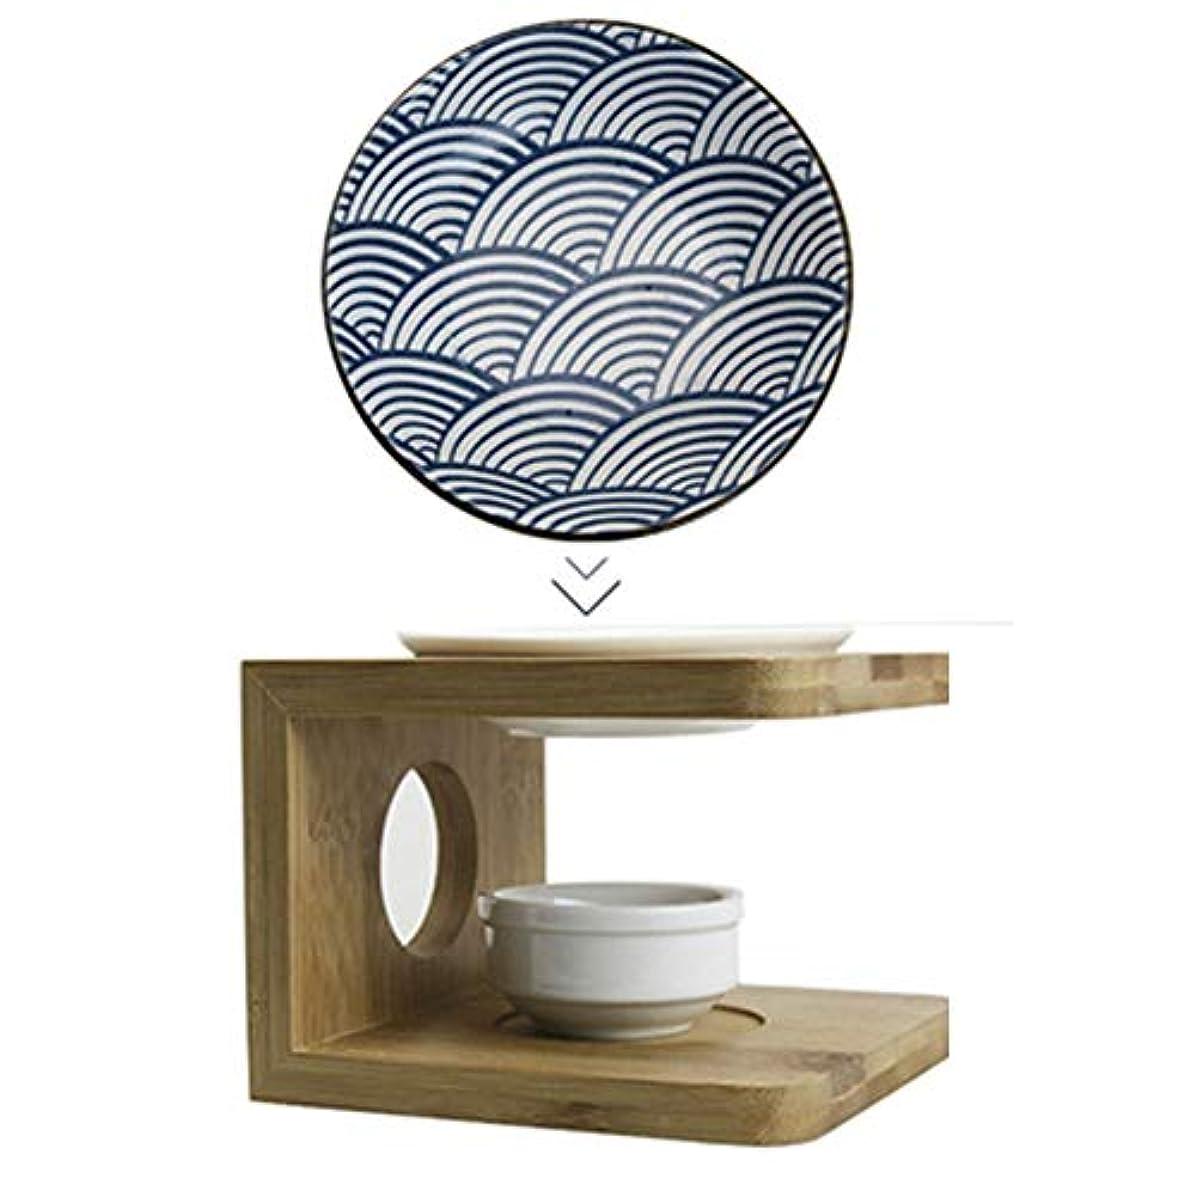 わなモザイク指導するお換えのお皿 青いお皿茶香炉 陶器茶香炉 茶こうろ 茶 インテリア アロマディフューザー 精油和風 アロマ リビング セット (ブルー)